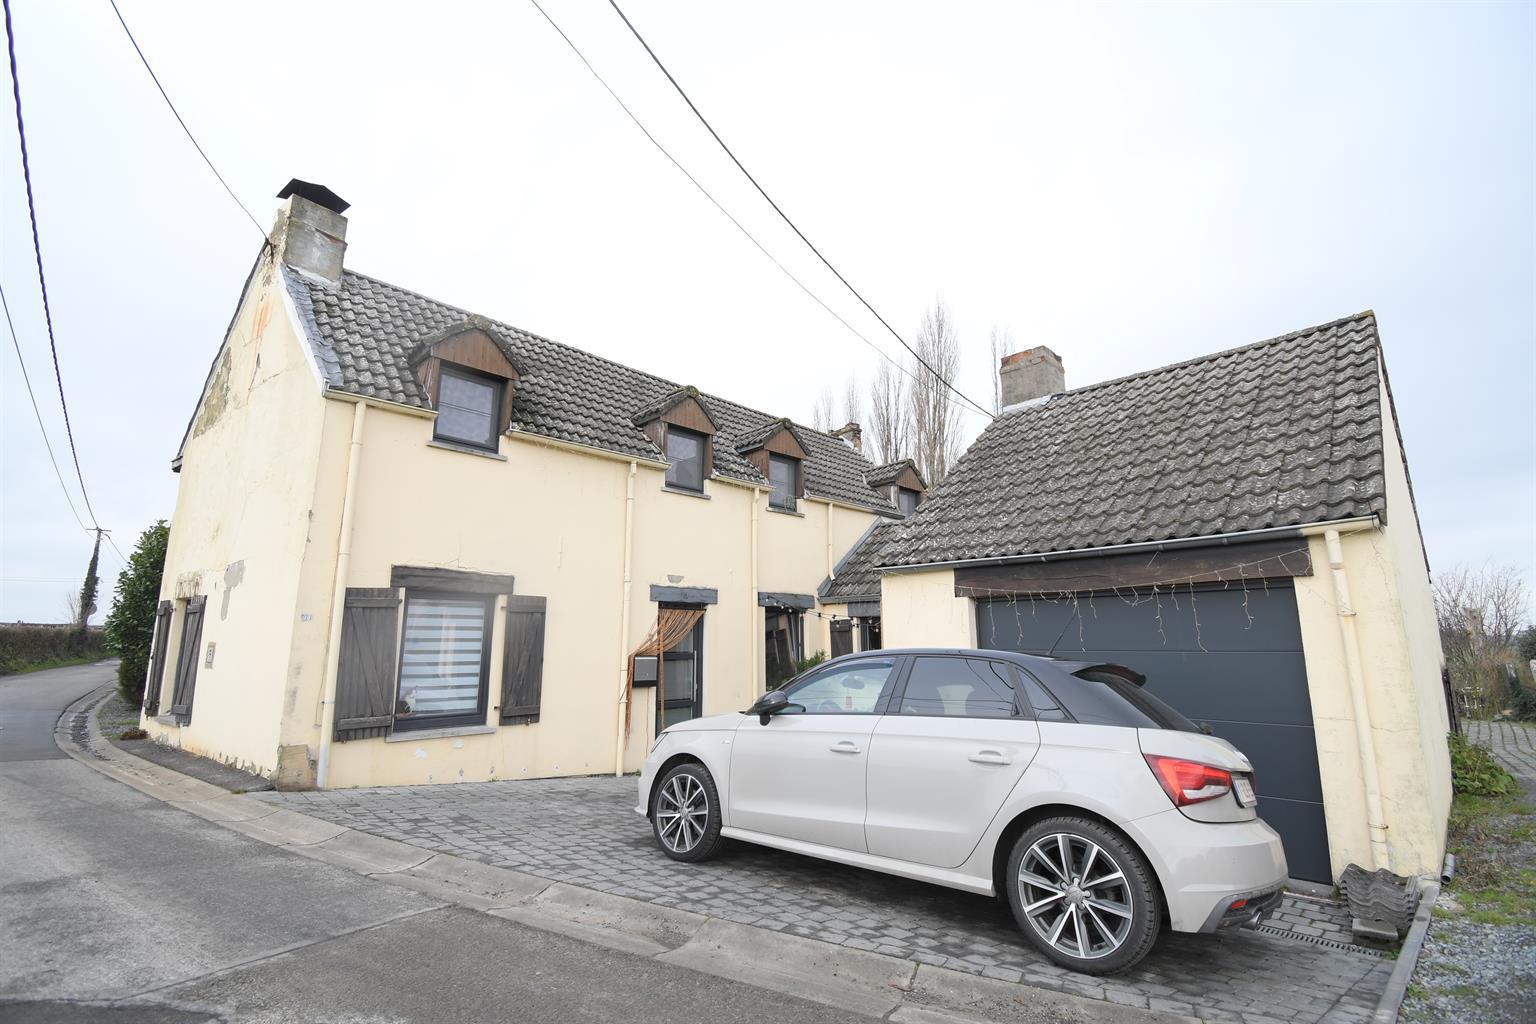 Maison - Braine-le-Comte - #4252190-0